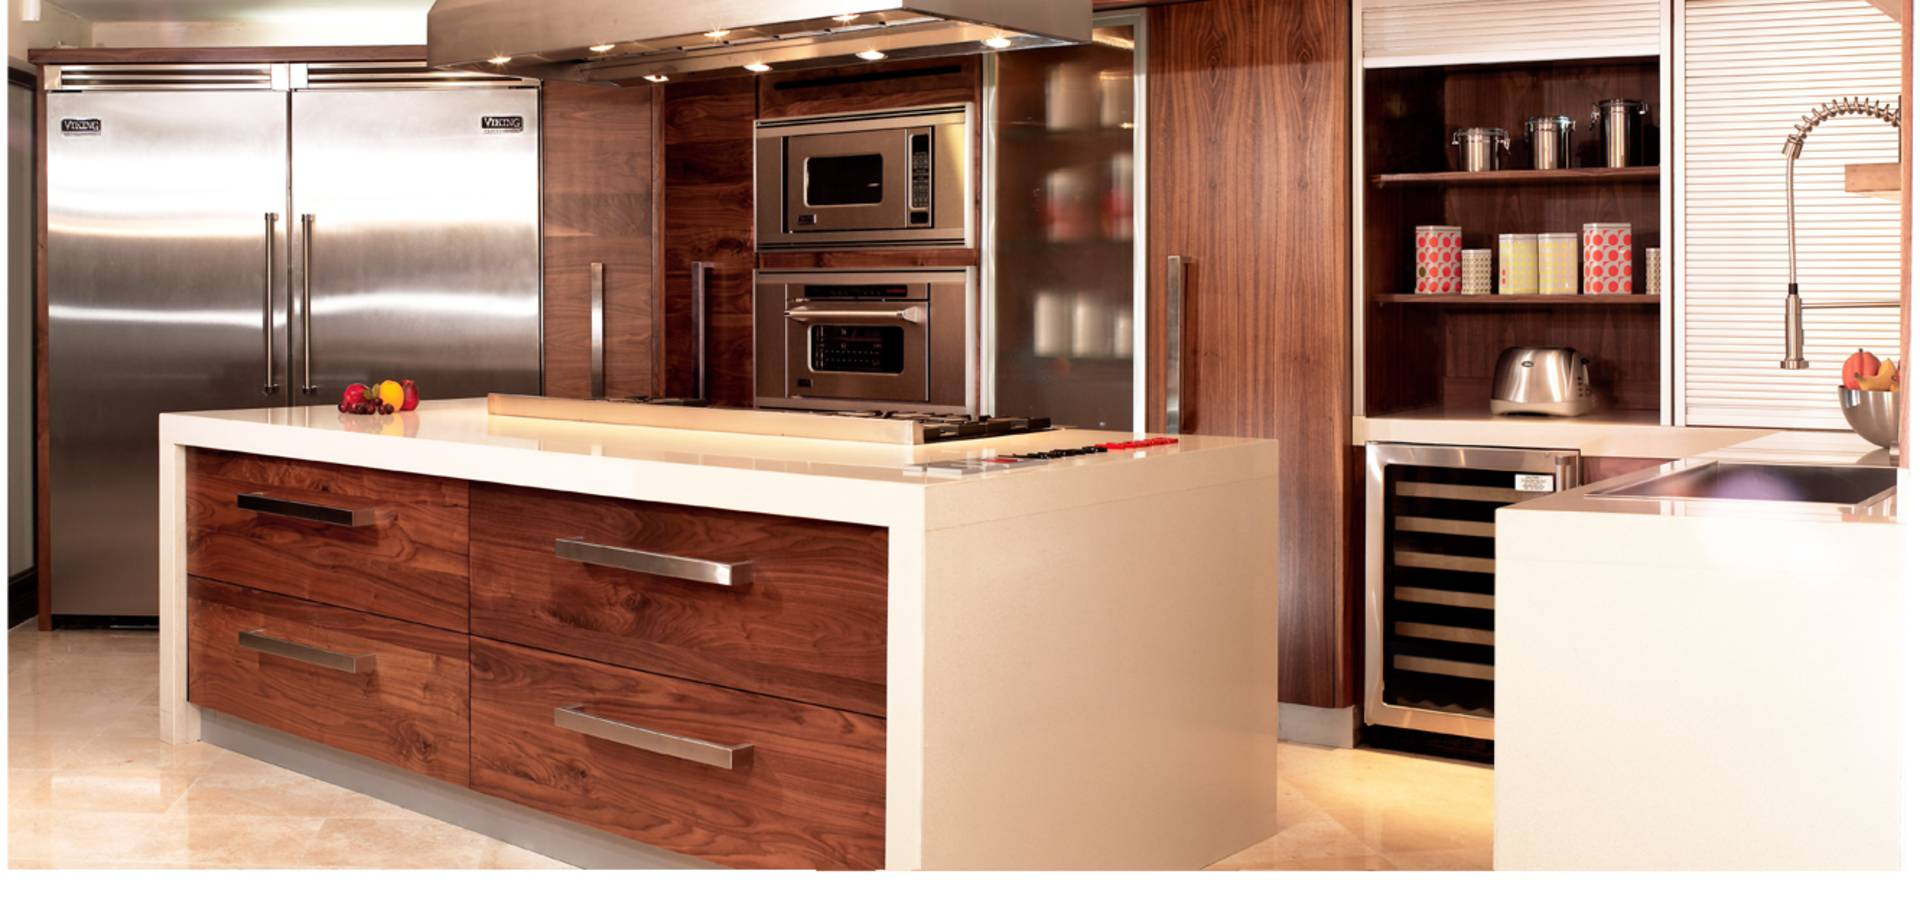 Kuche haus dise adores de cocinas en san luis potosi homify - Disenadores de cocinas ...